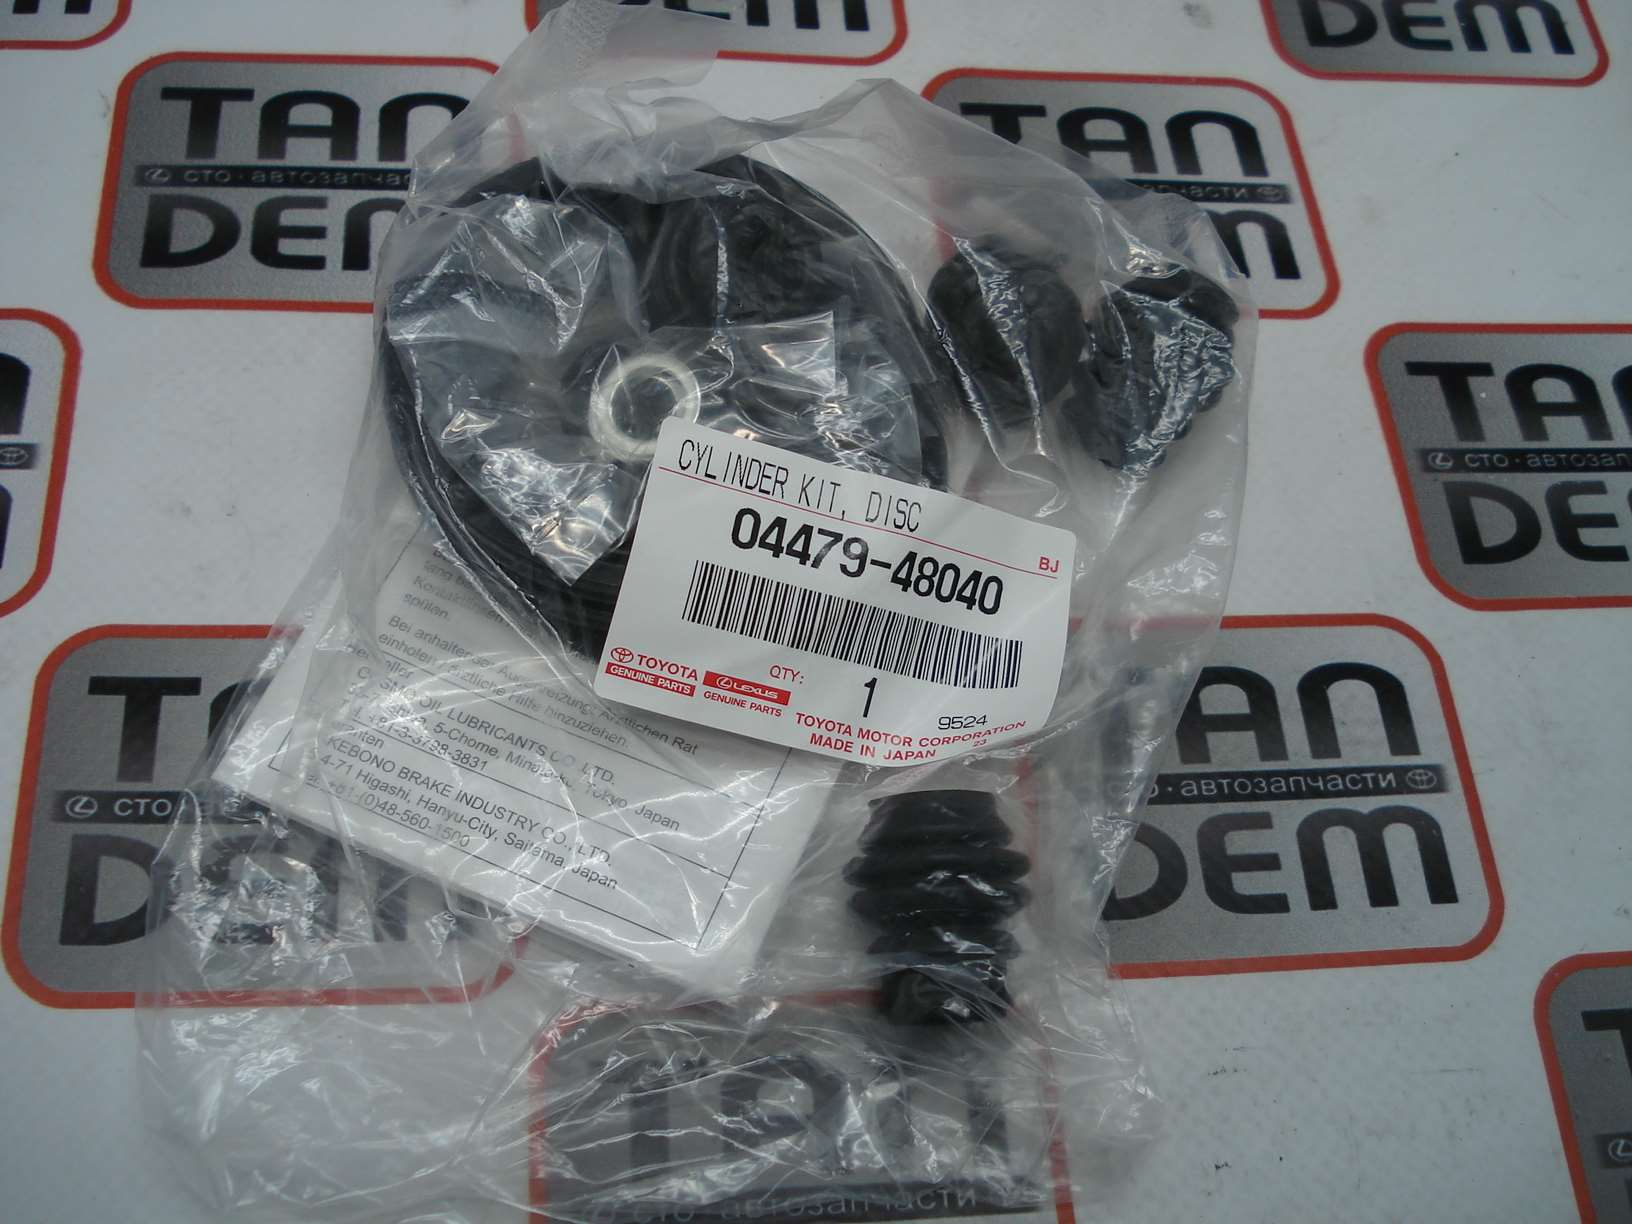 Ремкомплект суппорта тормозного 04479-48040, 04478-0E010, 04478-48030, 04478-48050